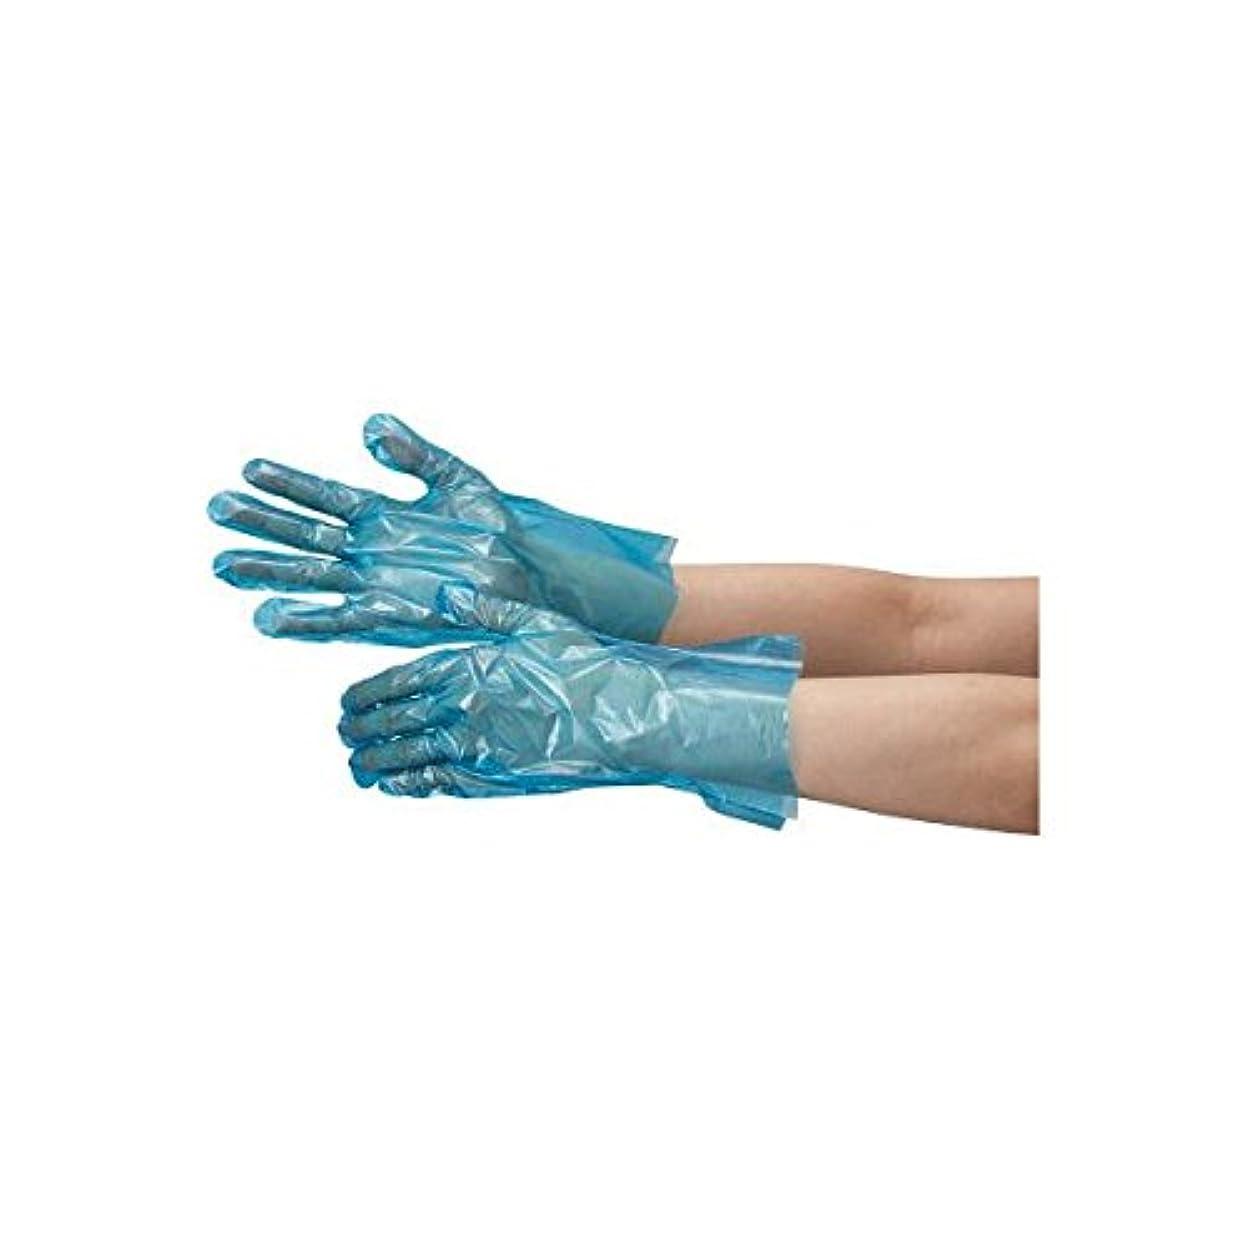 こしょうグレートバリアリーフ手足ミドリ安全/ミドリ安全 ポリエチレン使い捨て手袋 片エンボス 200枚入 青 L(3888851) VERTE-504-L [その他]